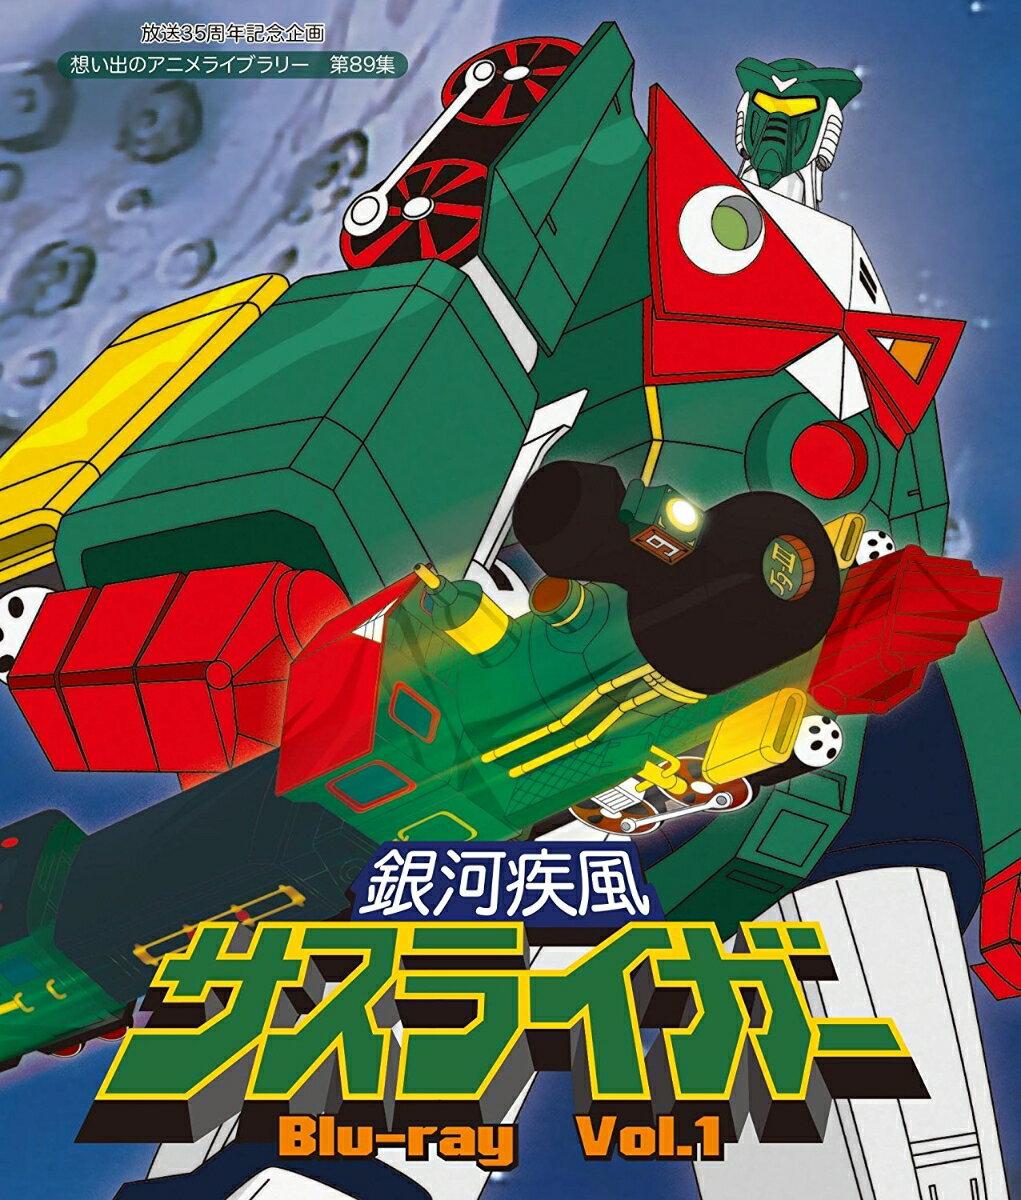 銀河疾風サスライガー Vol.1【Blu-ray】画像